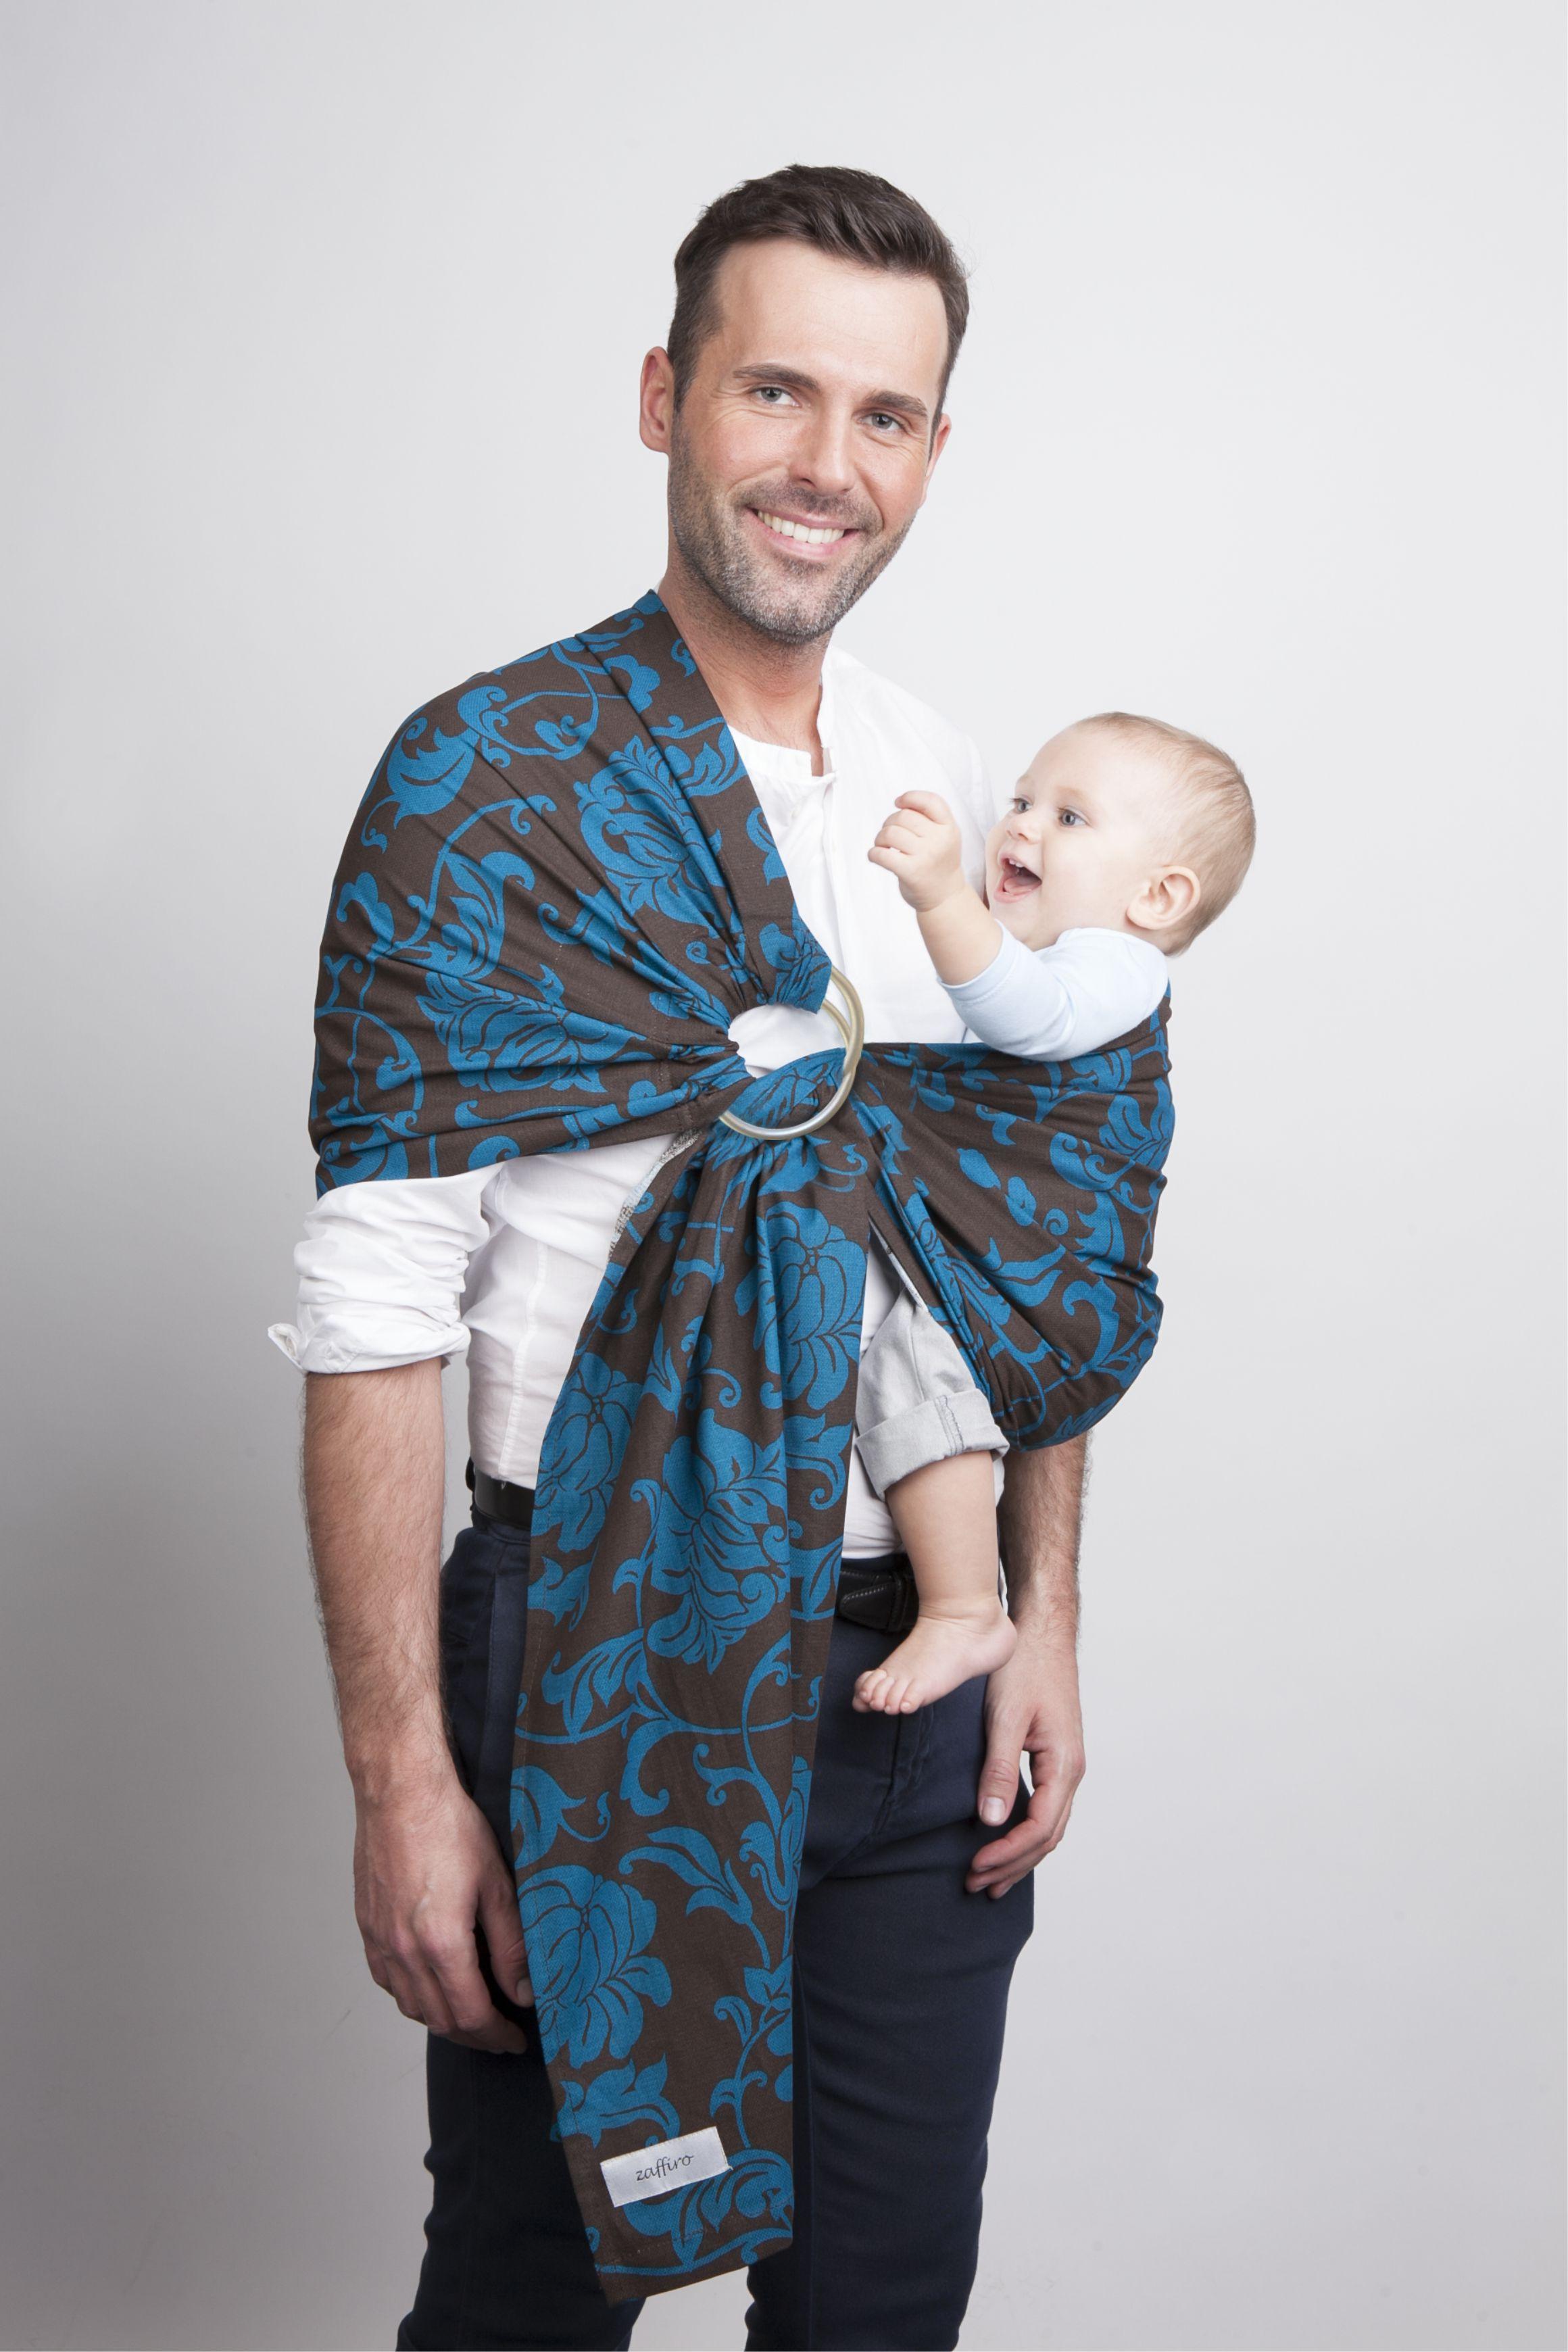 Chusta Zaffiro Womar N16 Hug Me – chustonoszenie chusta dla niemowląt